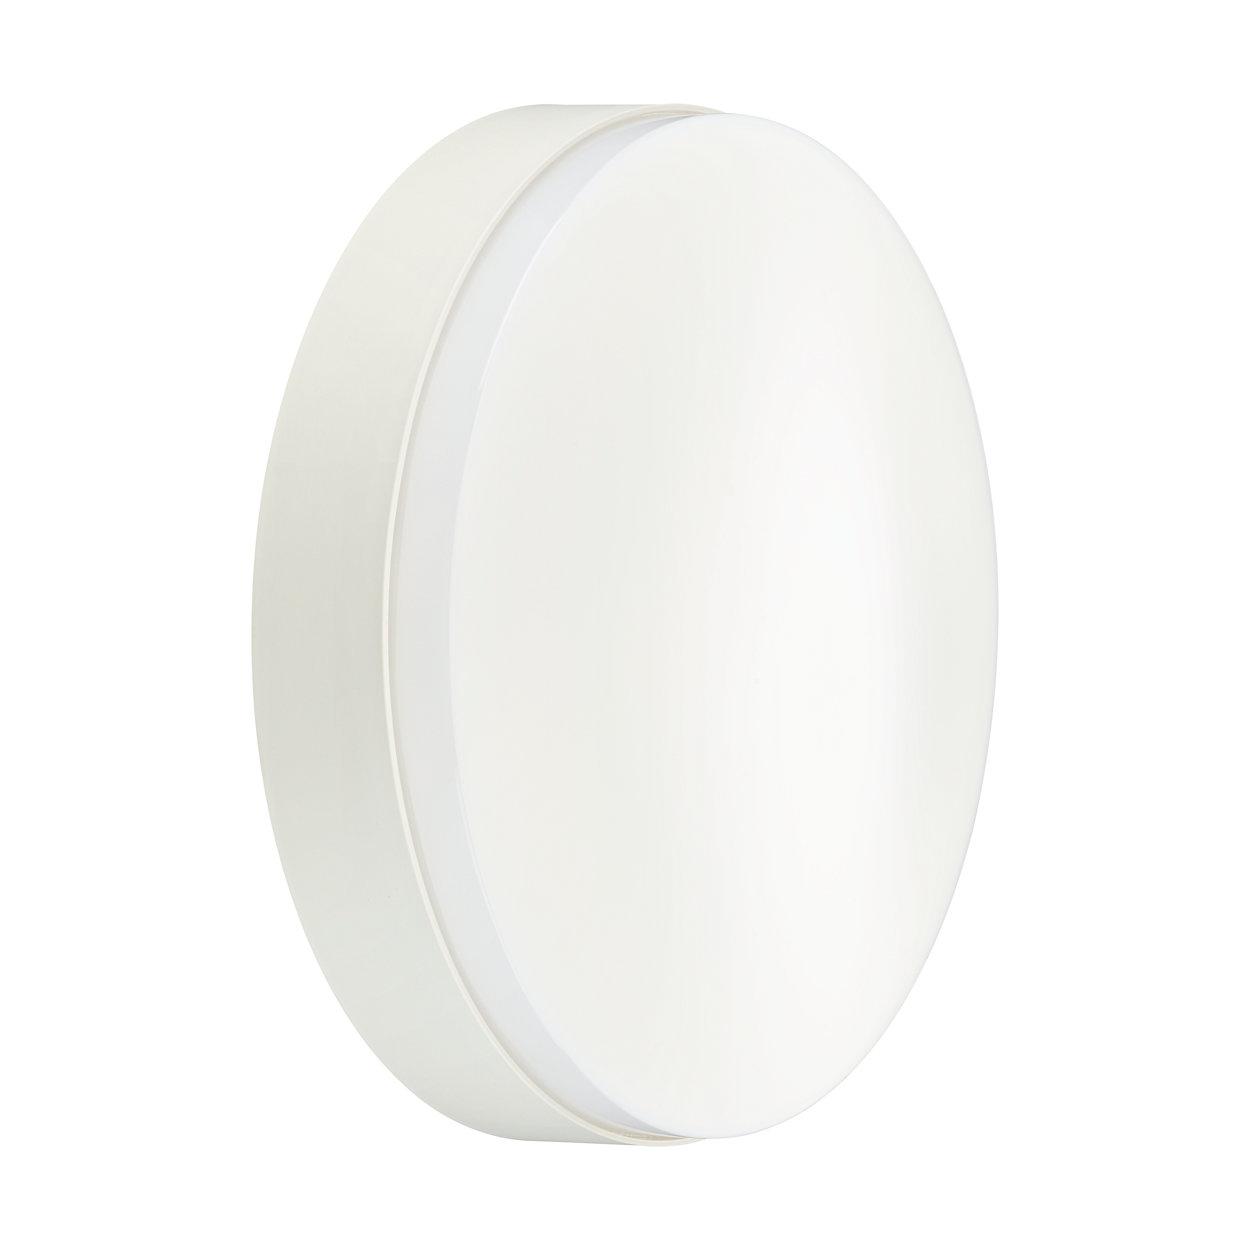 CoreLine LED Wand- und Deckenleuchte – ein deutliches Argument für LEDs